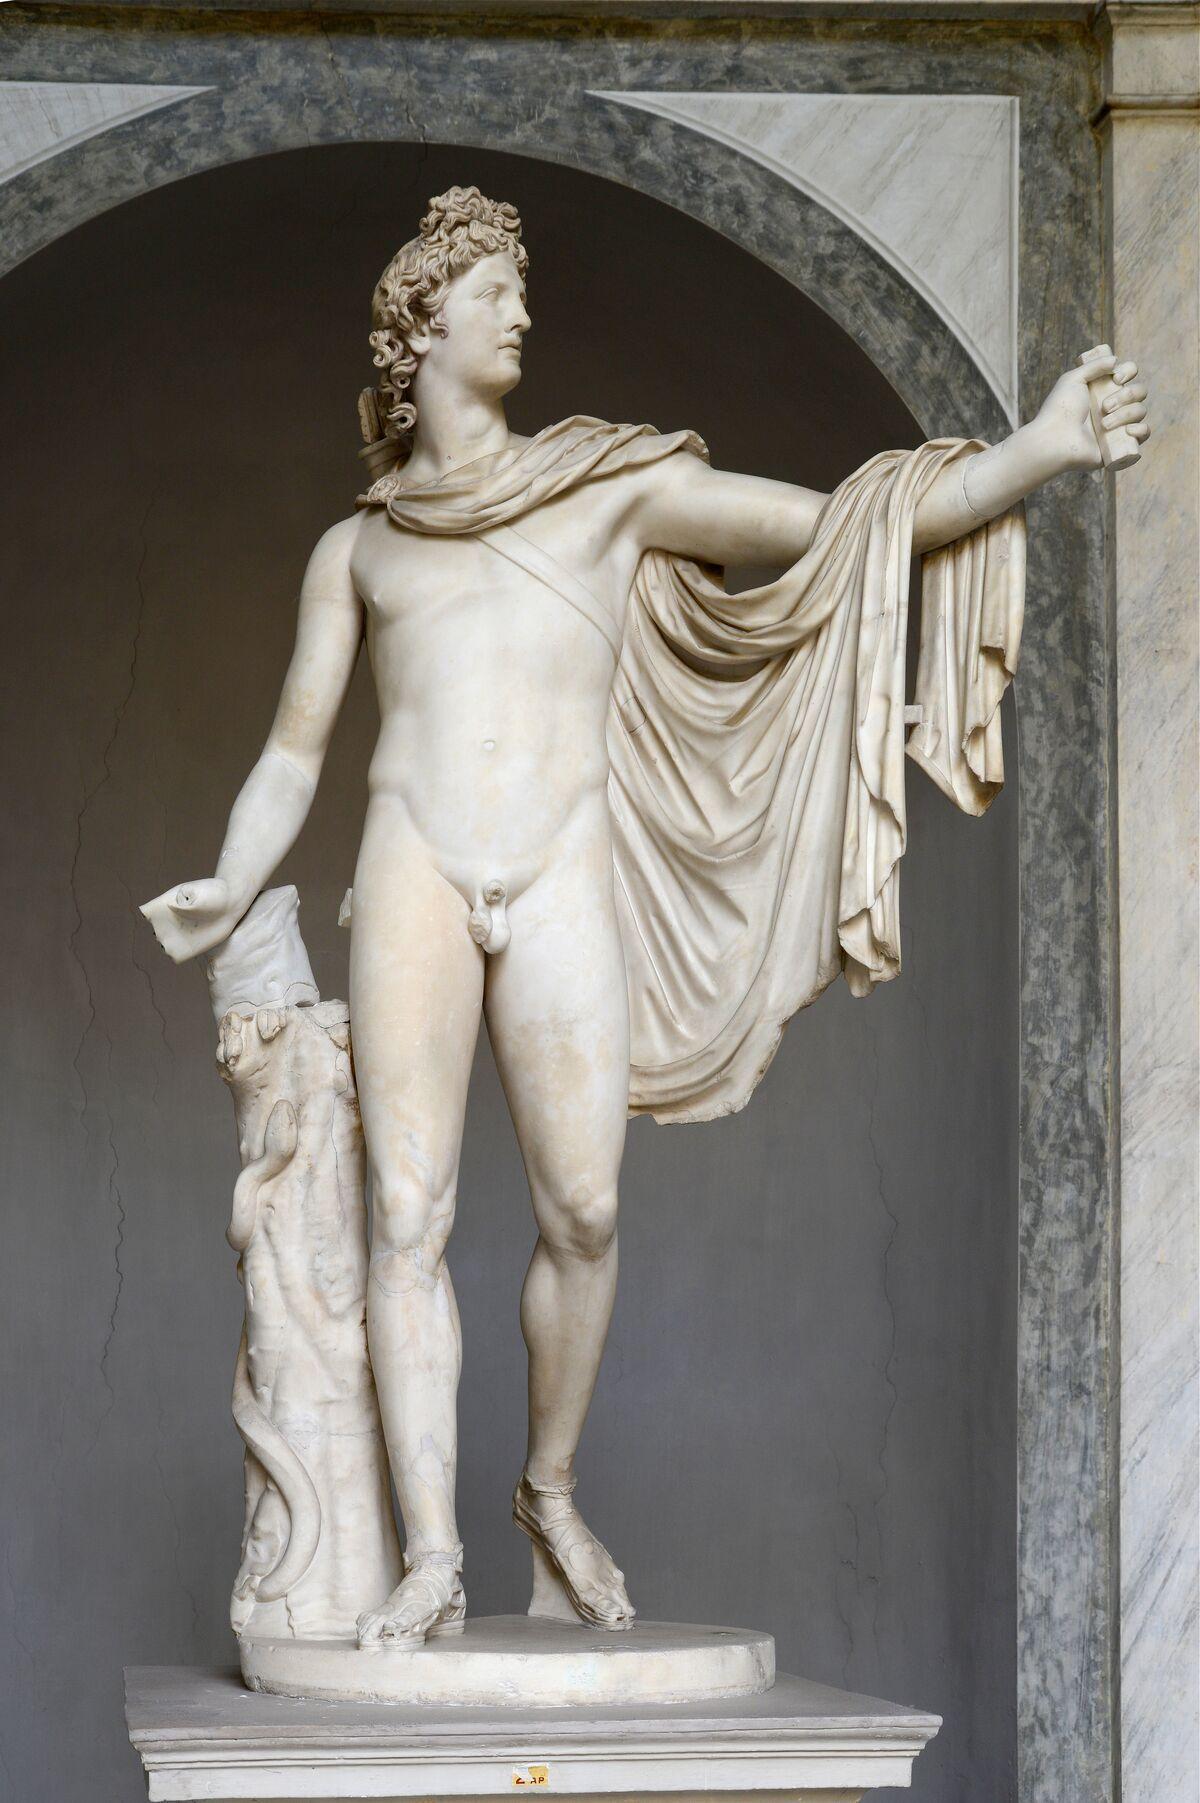 Copy of sculpture after Leocharces, Apollo de Belvedere, c. 120-140 A.D., at the Pius-Clemente Museum, Vatican. Photo via Wikimedia Commons.